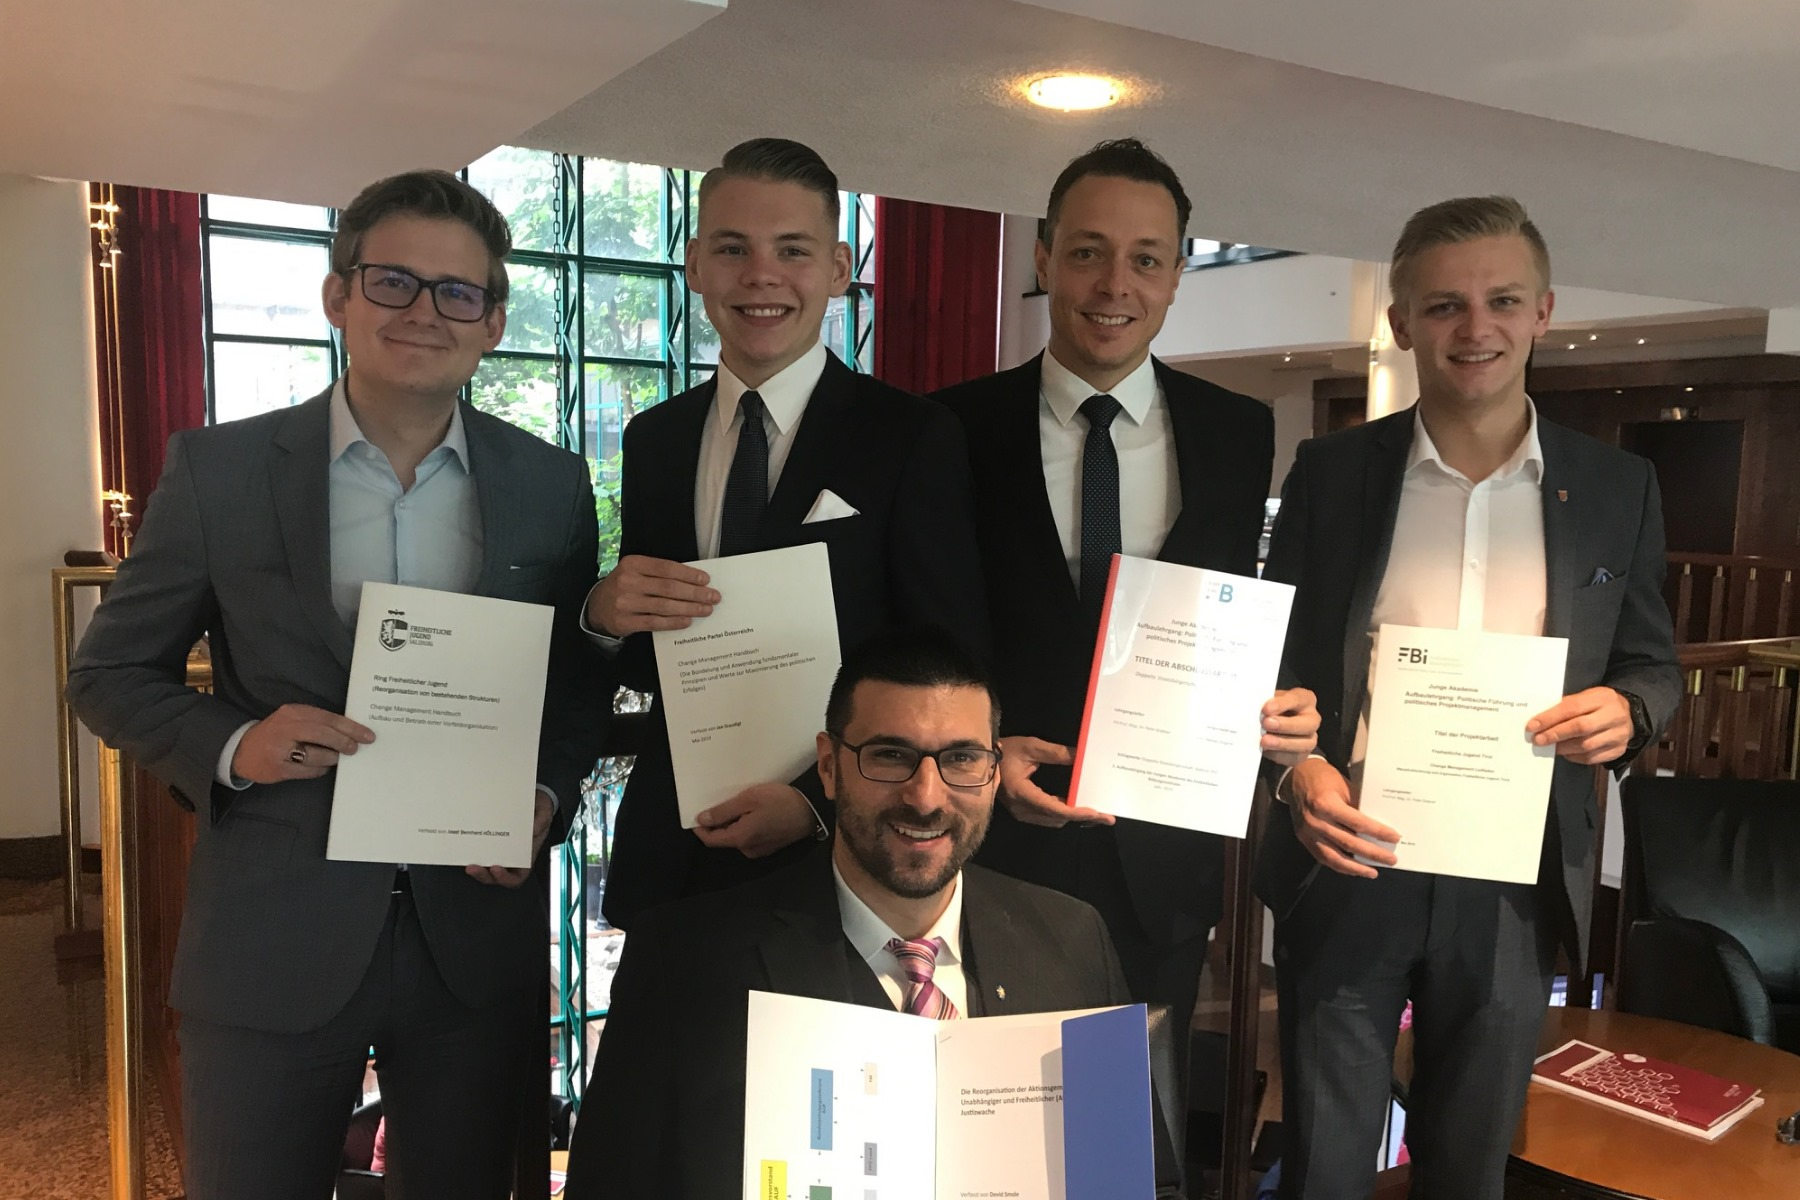 Erfolgreicher Abschluss der politischen Weiterbildung bei der FPÖ